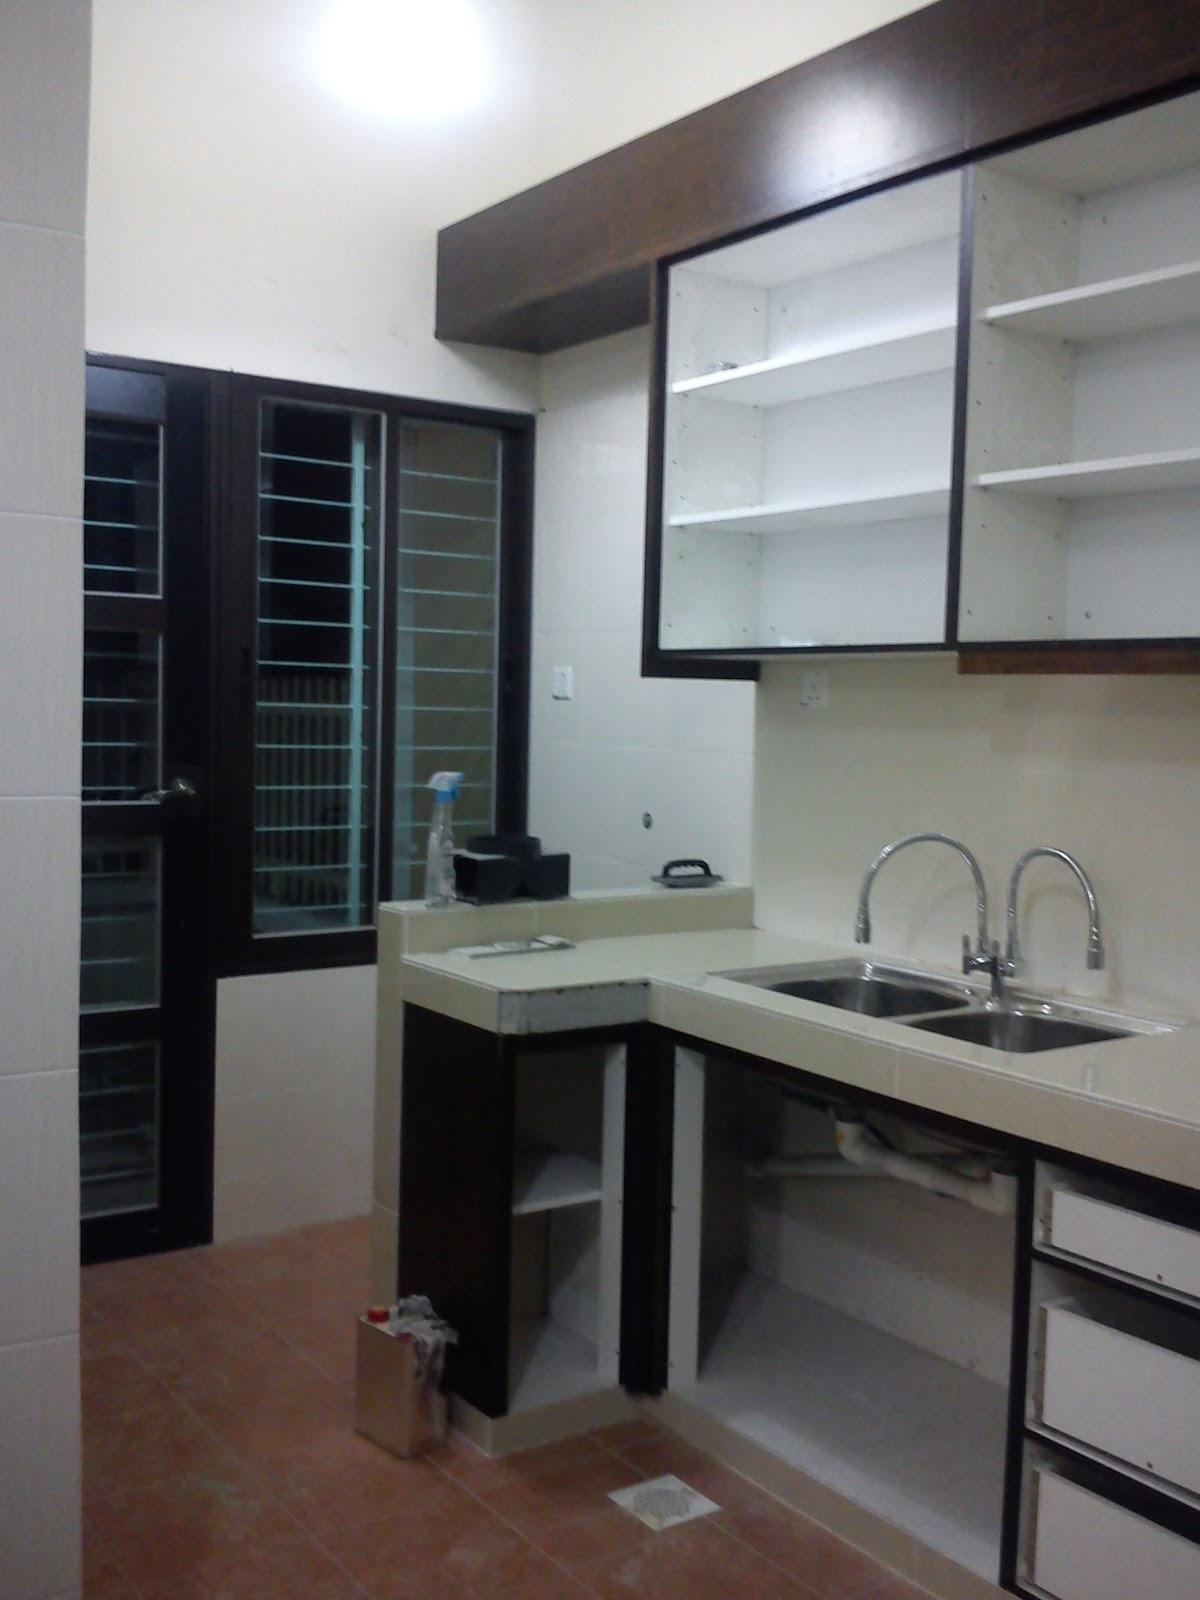 Pindah Rumah Ubahsuai Dapur